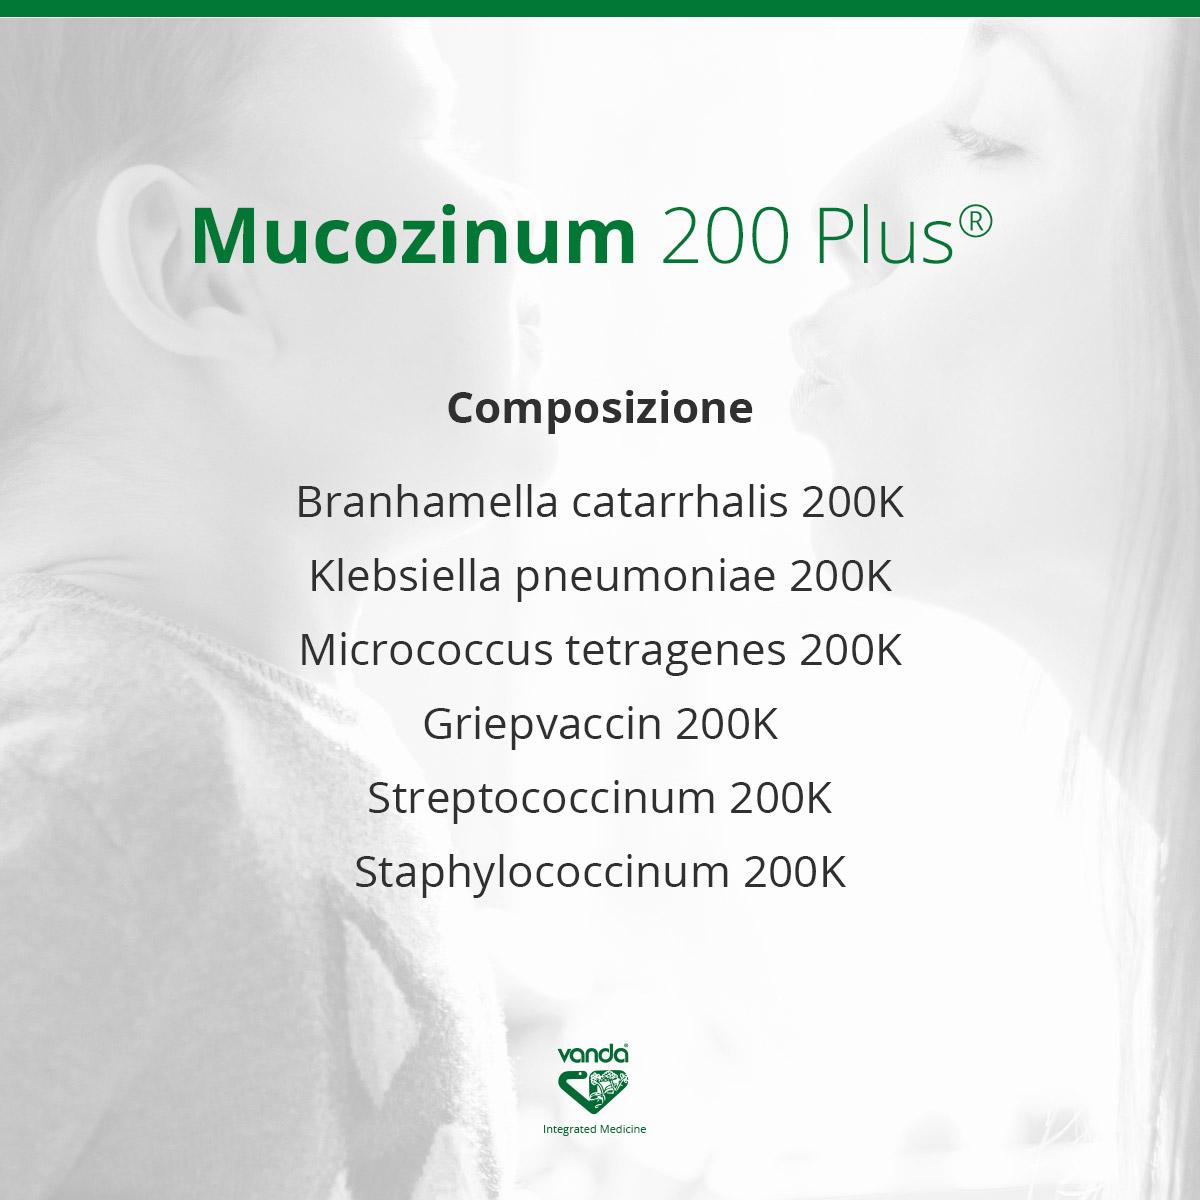 composizione mucozinum rimedio omeopatico influenza